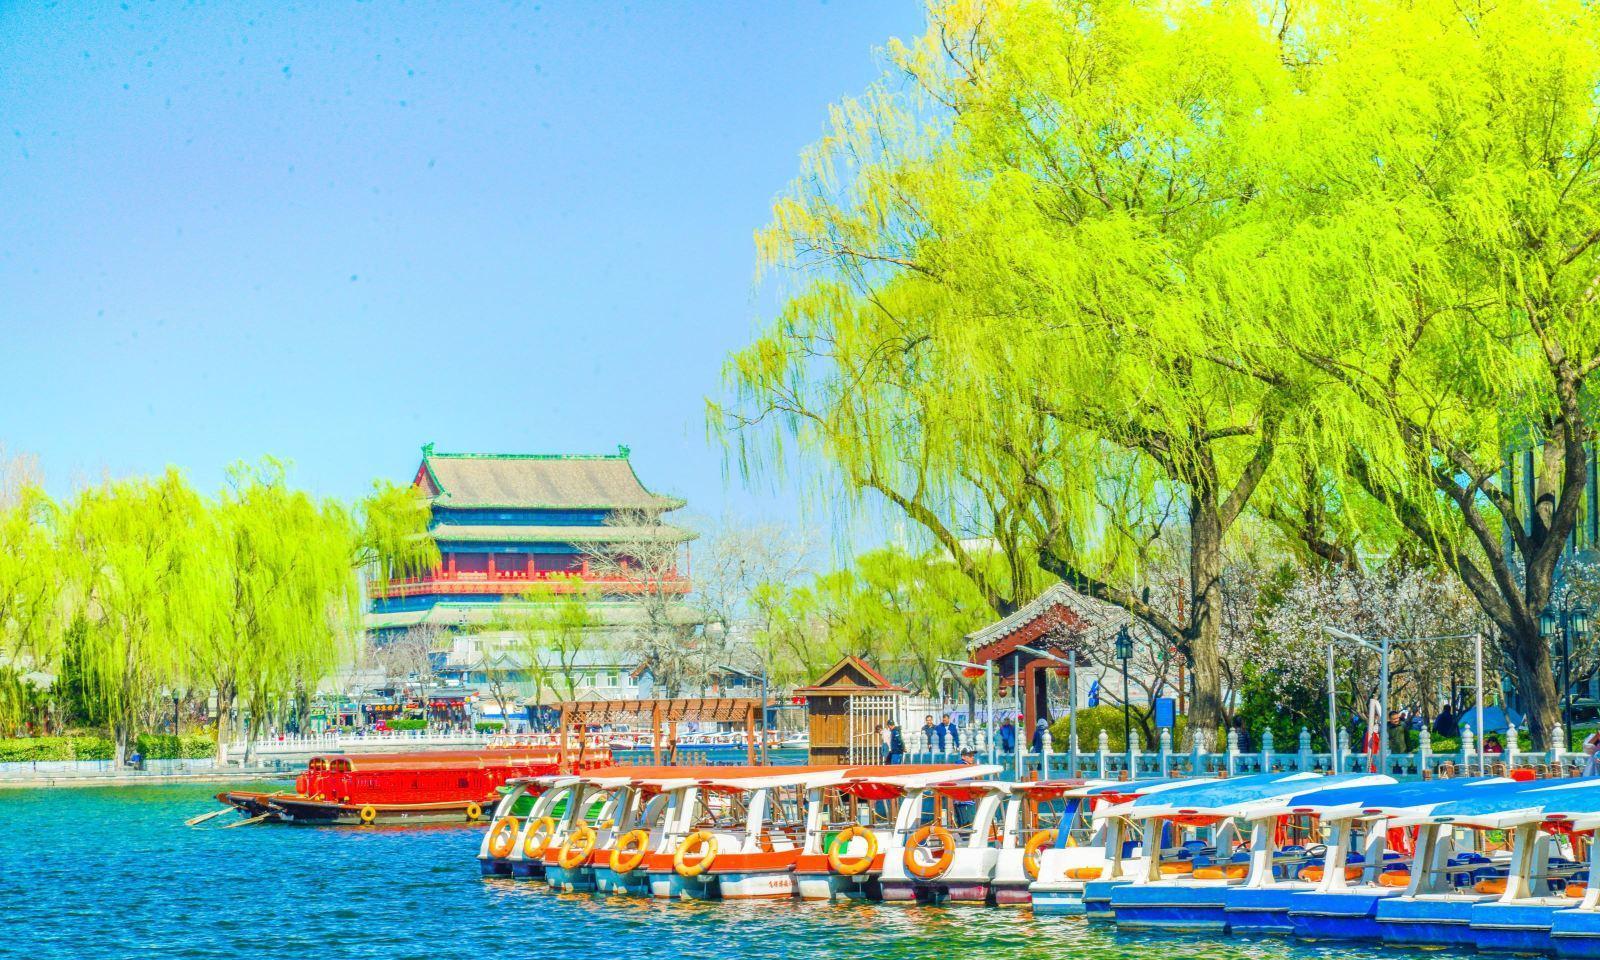 假日去北京什刹海游玩,体验风光秀丽的水乡美景!